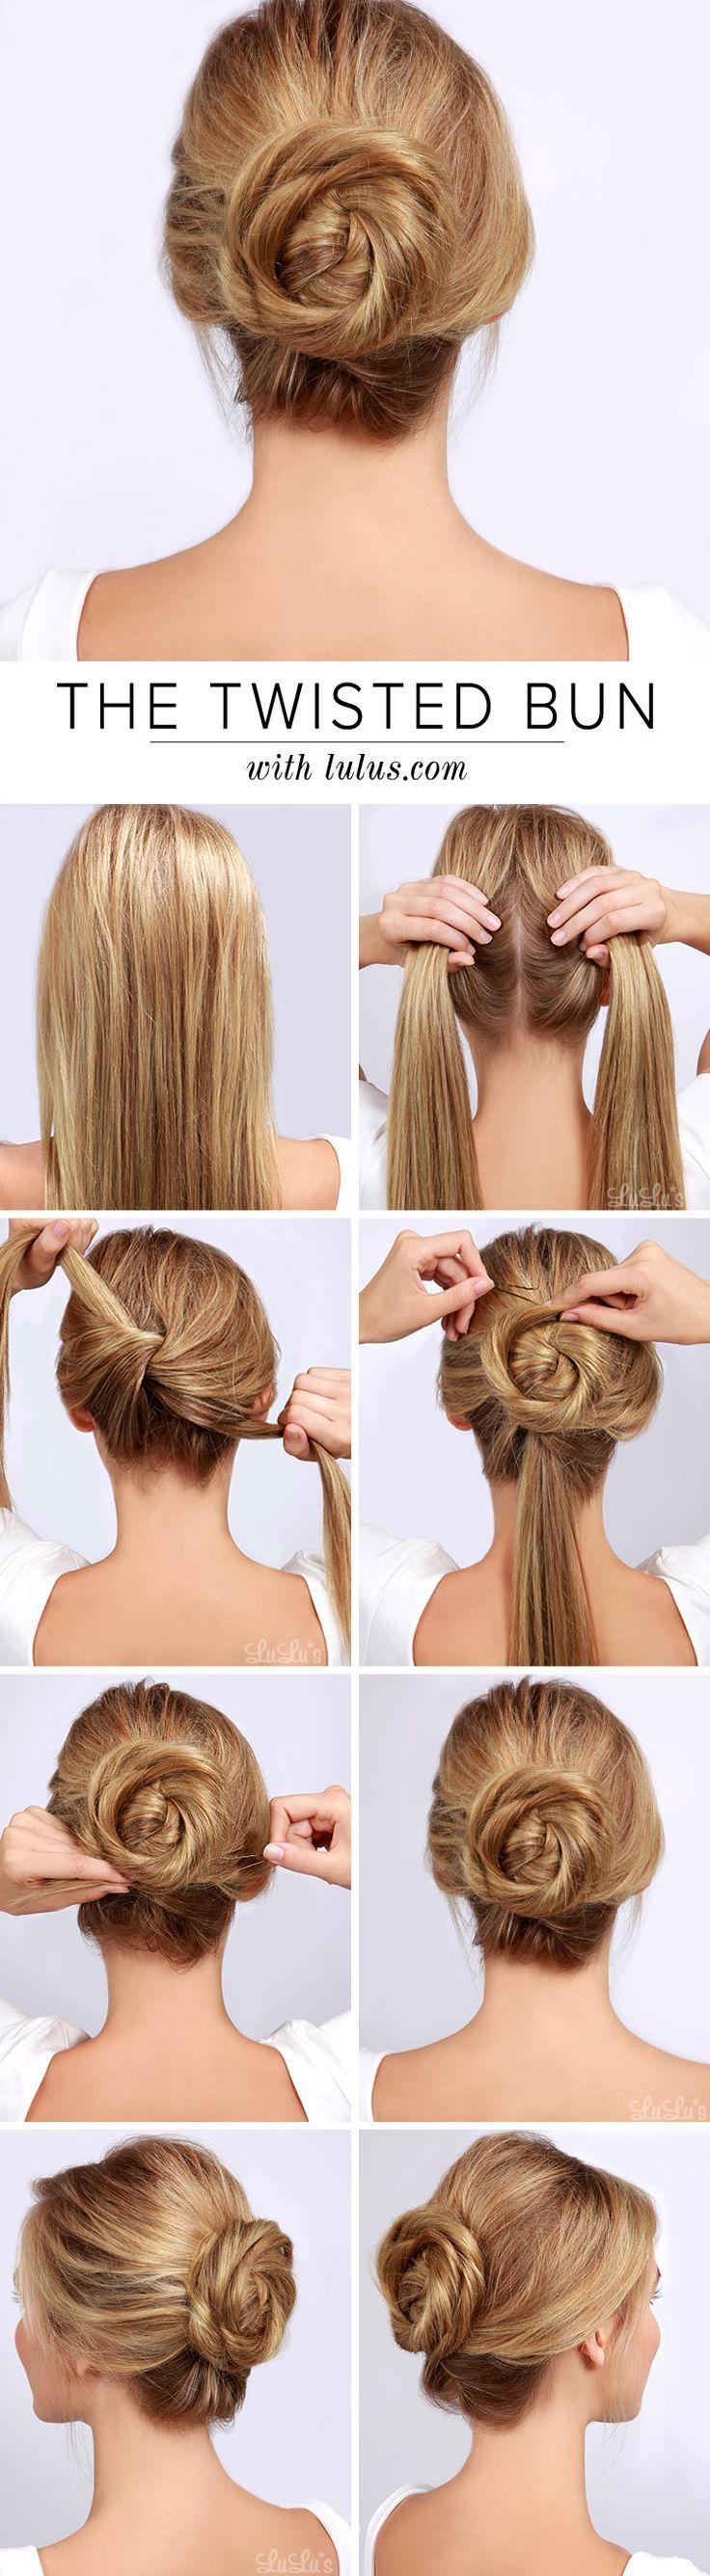 Super easy bun!!!! It looks great :D